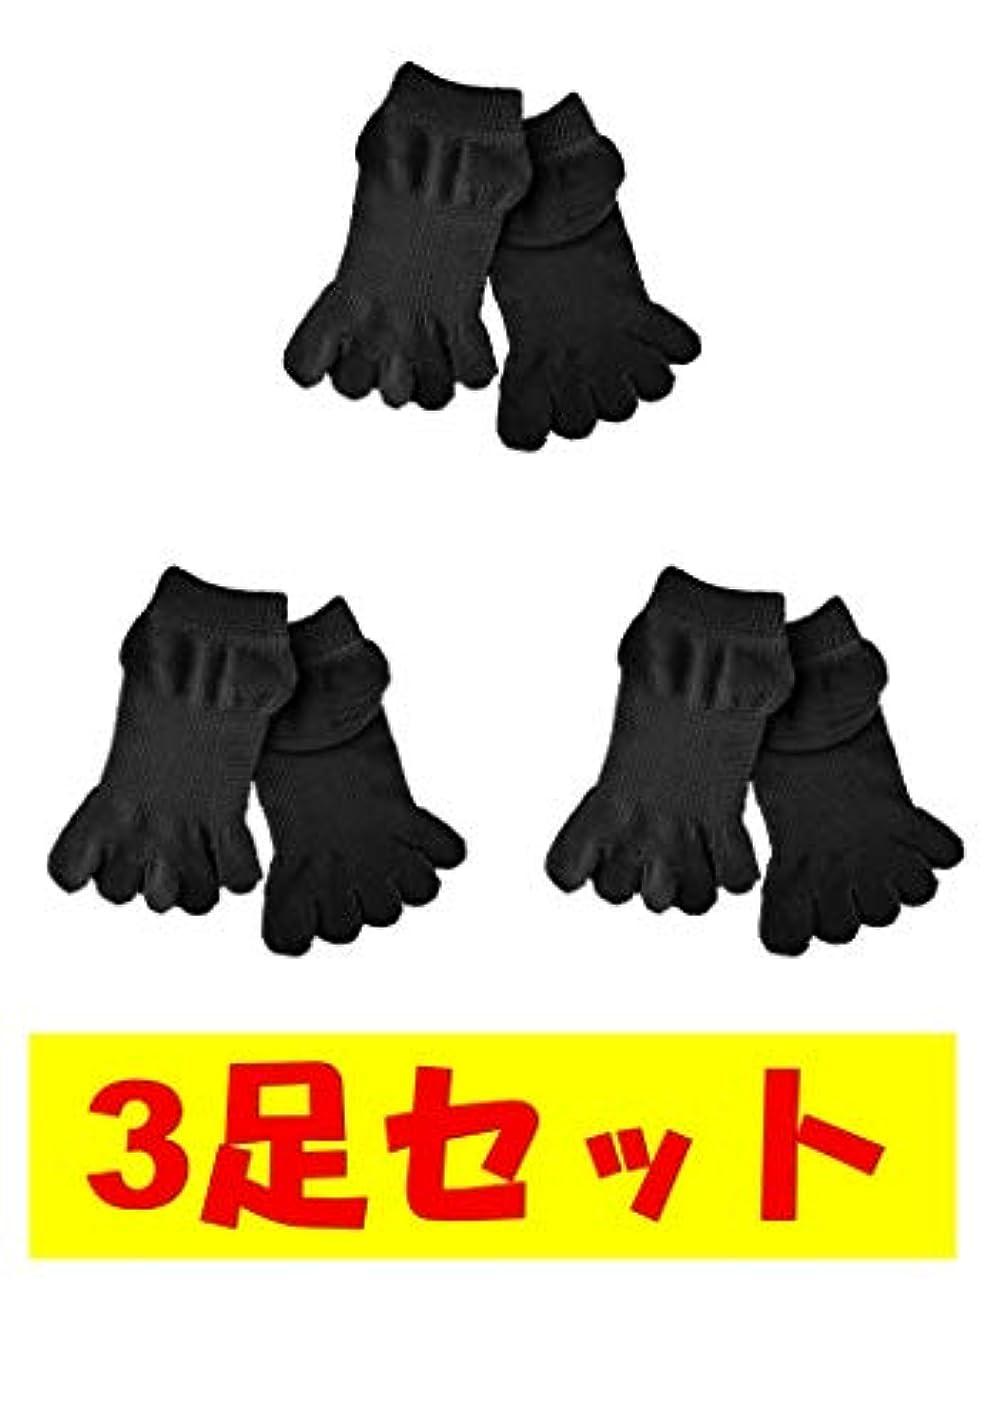 米国資料クラウドお買い得3足セット 5本指 ゆびのばソックス ゆびのば アンクル ブラック Mサイズ 25.0cm-27.5cm YSANKL-BLK